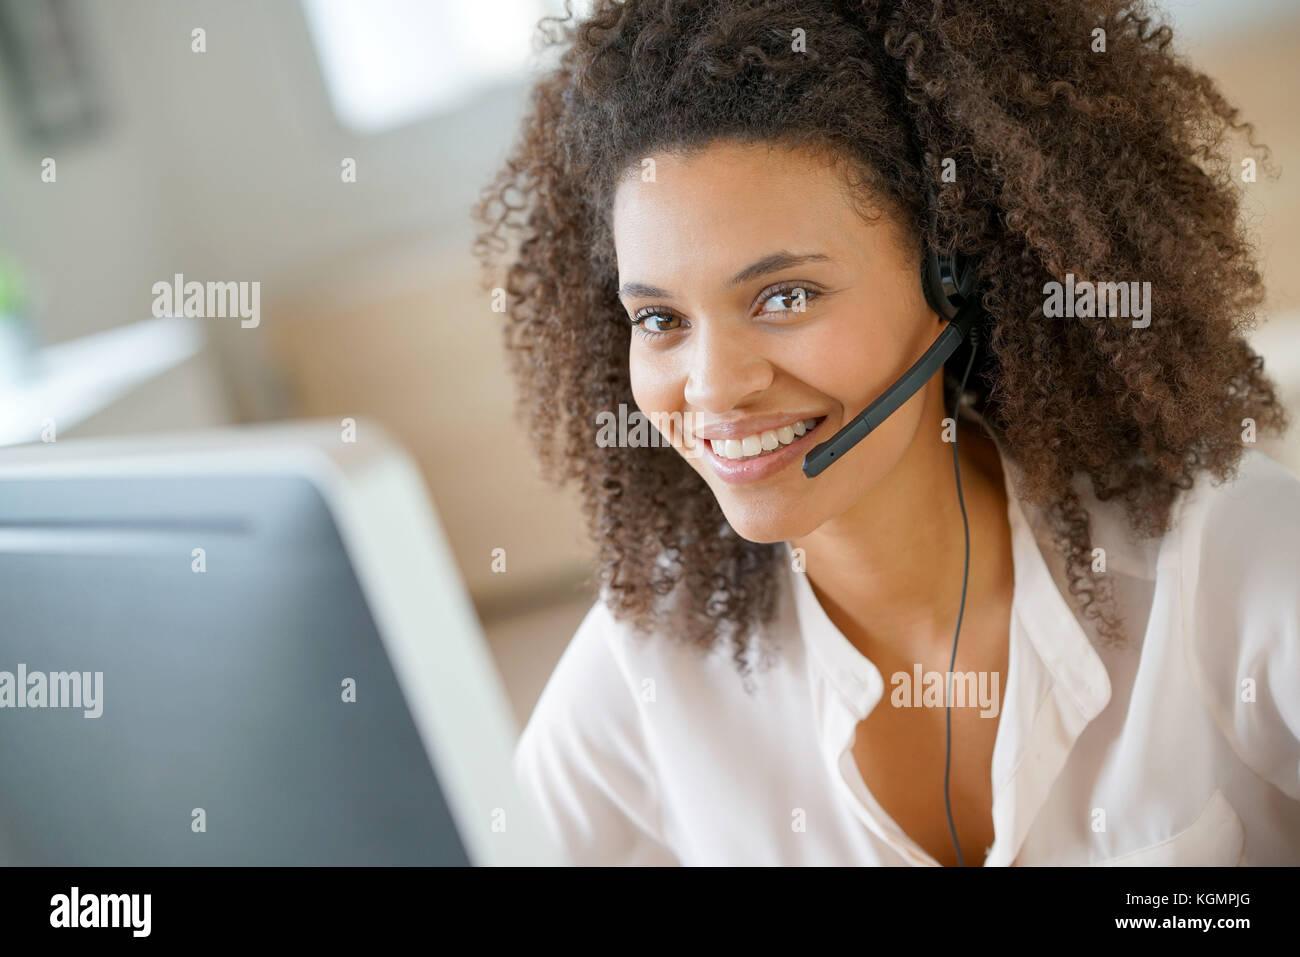 Ritratto di customer service assistant parlando al telefono Immagini Stock